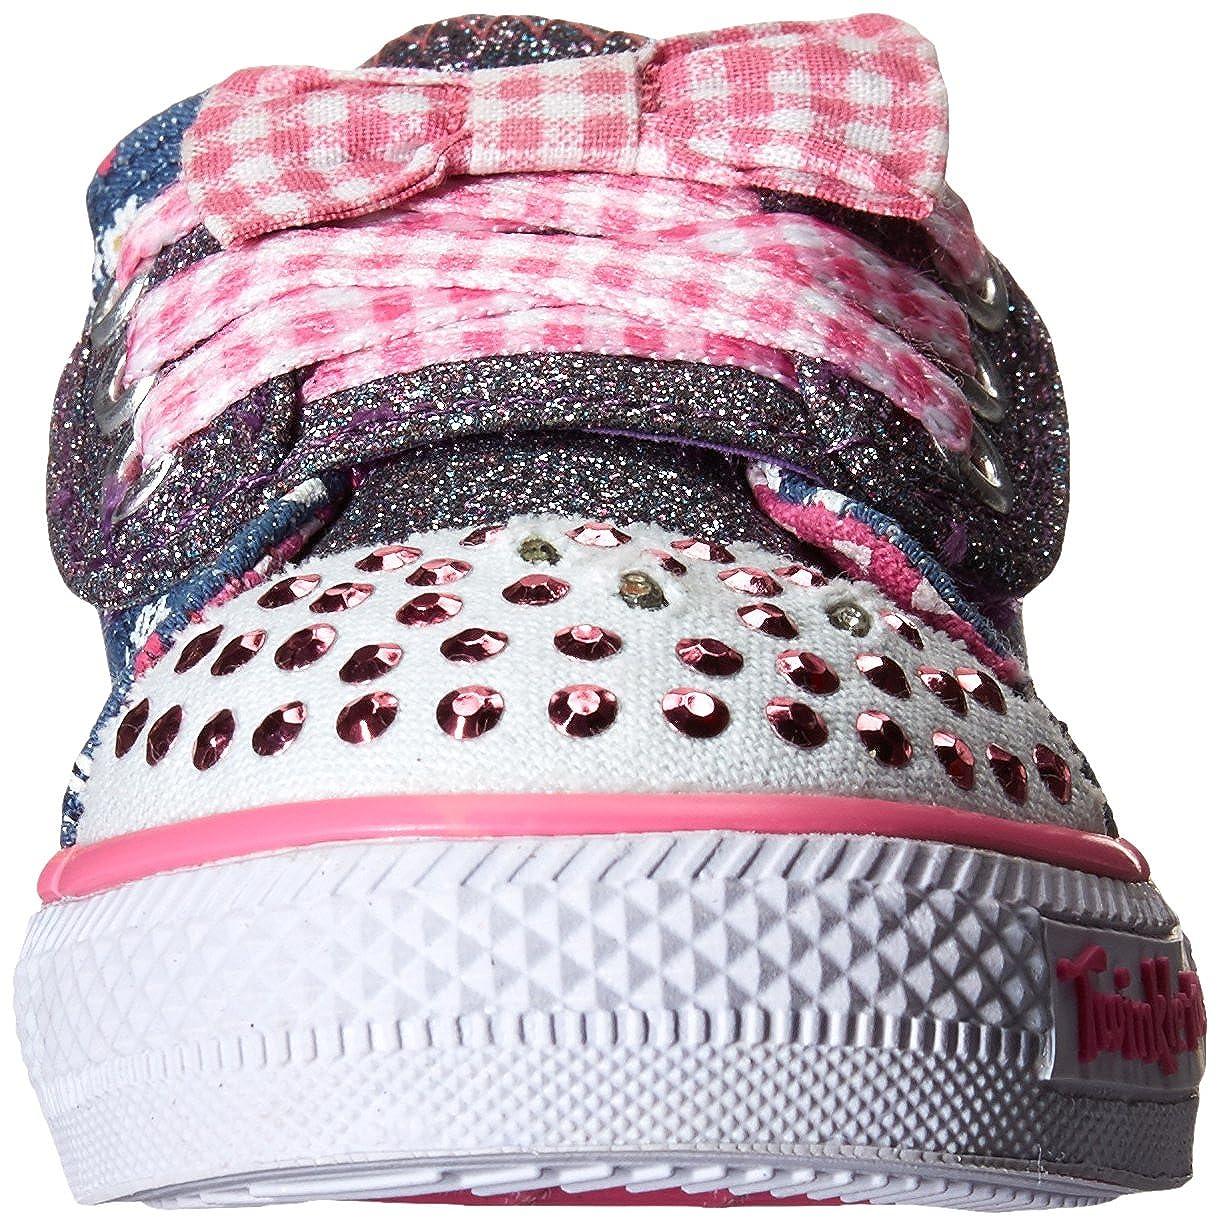 988d81fd03f Skechers Shuffles Daisy Dotty - Zapatilla deportiva de lona niña   Amazon.es  Zapatos y complementos